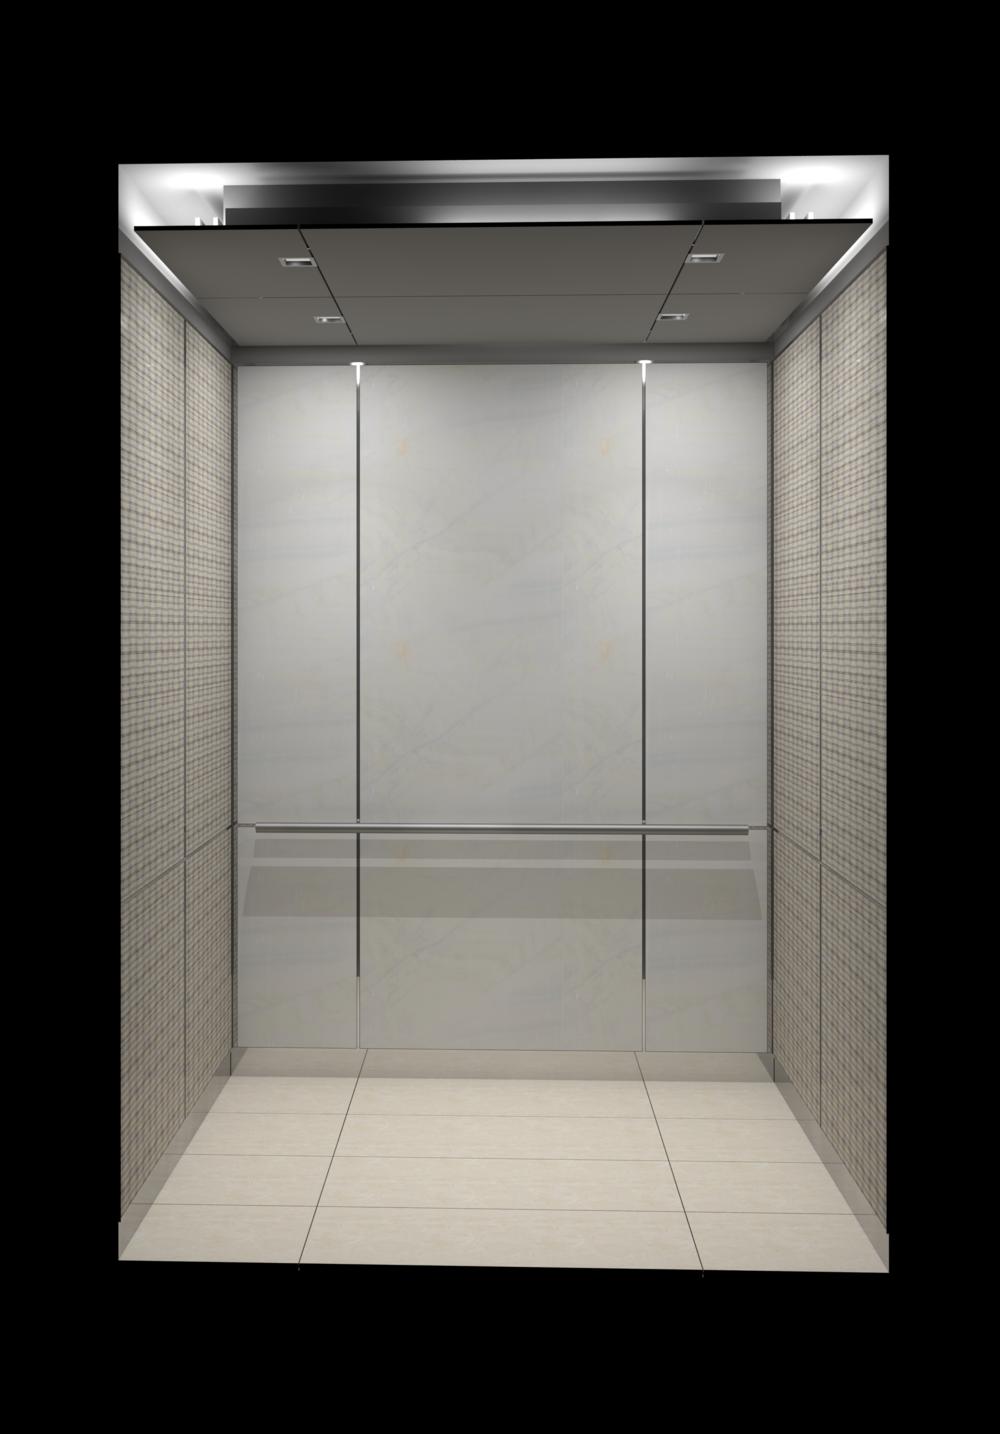 Elevator Cab Interior